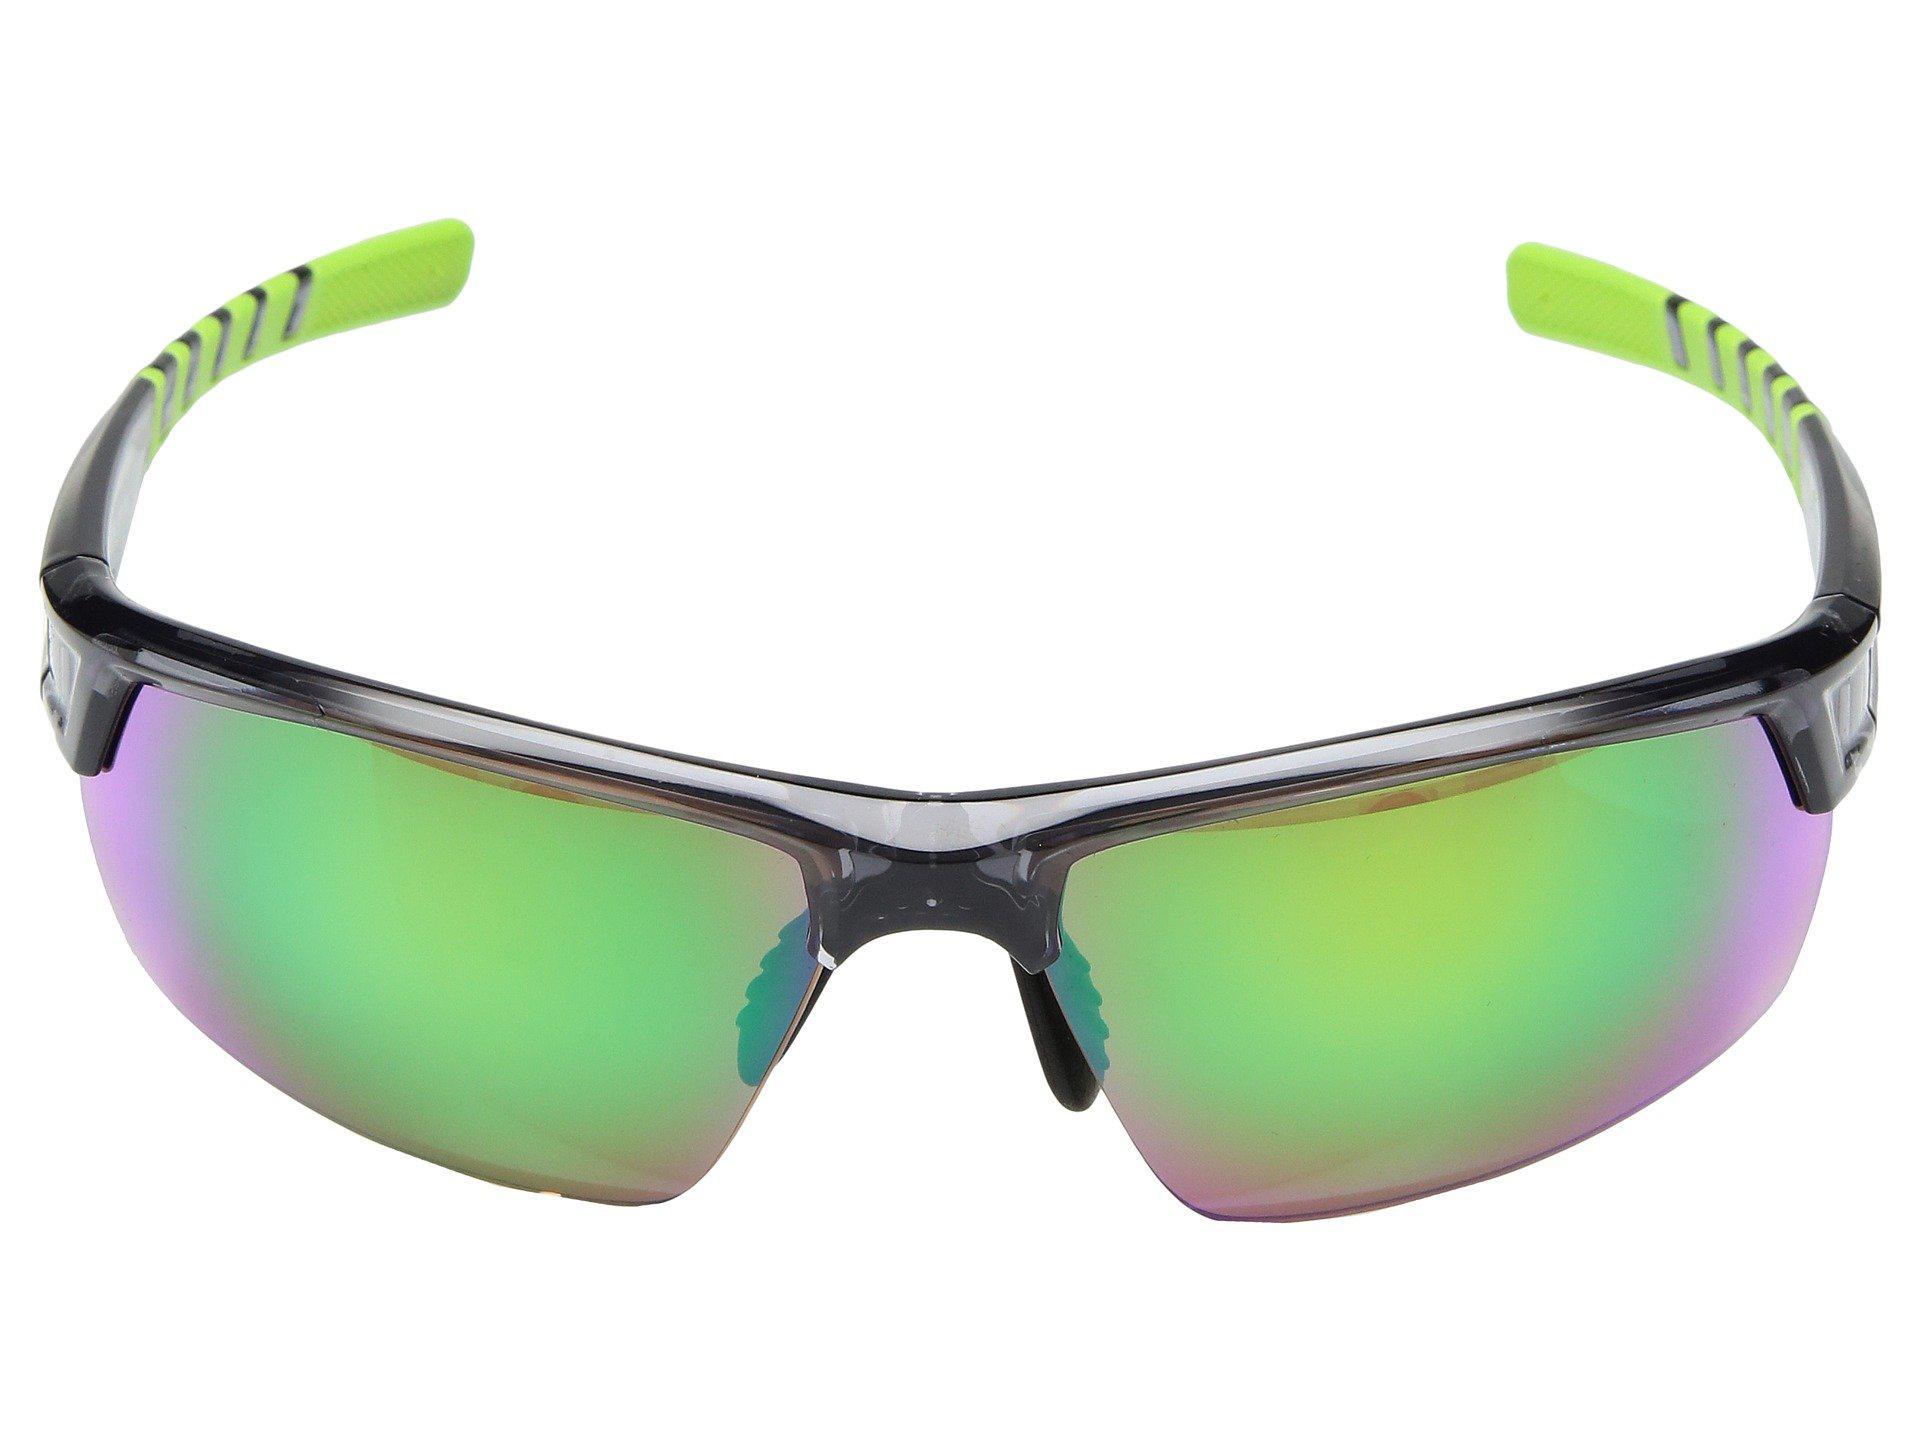 e5df73b7b8 Lyst - Native Eyewear Catamount (dark Crystal Gray green Reflex ...